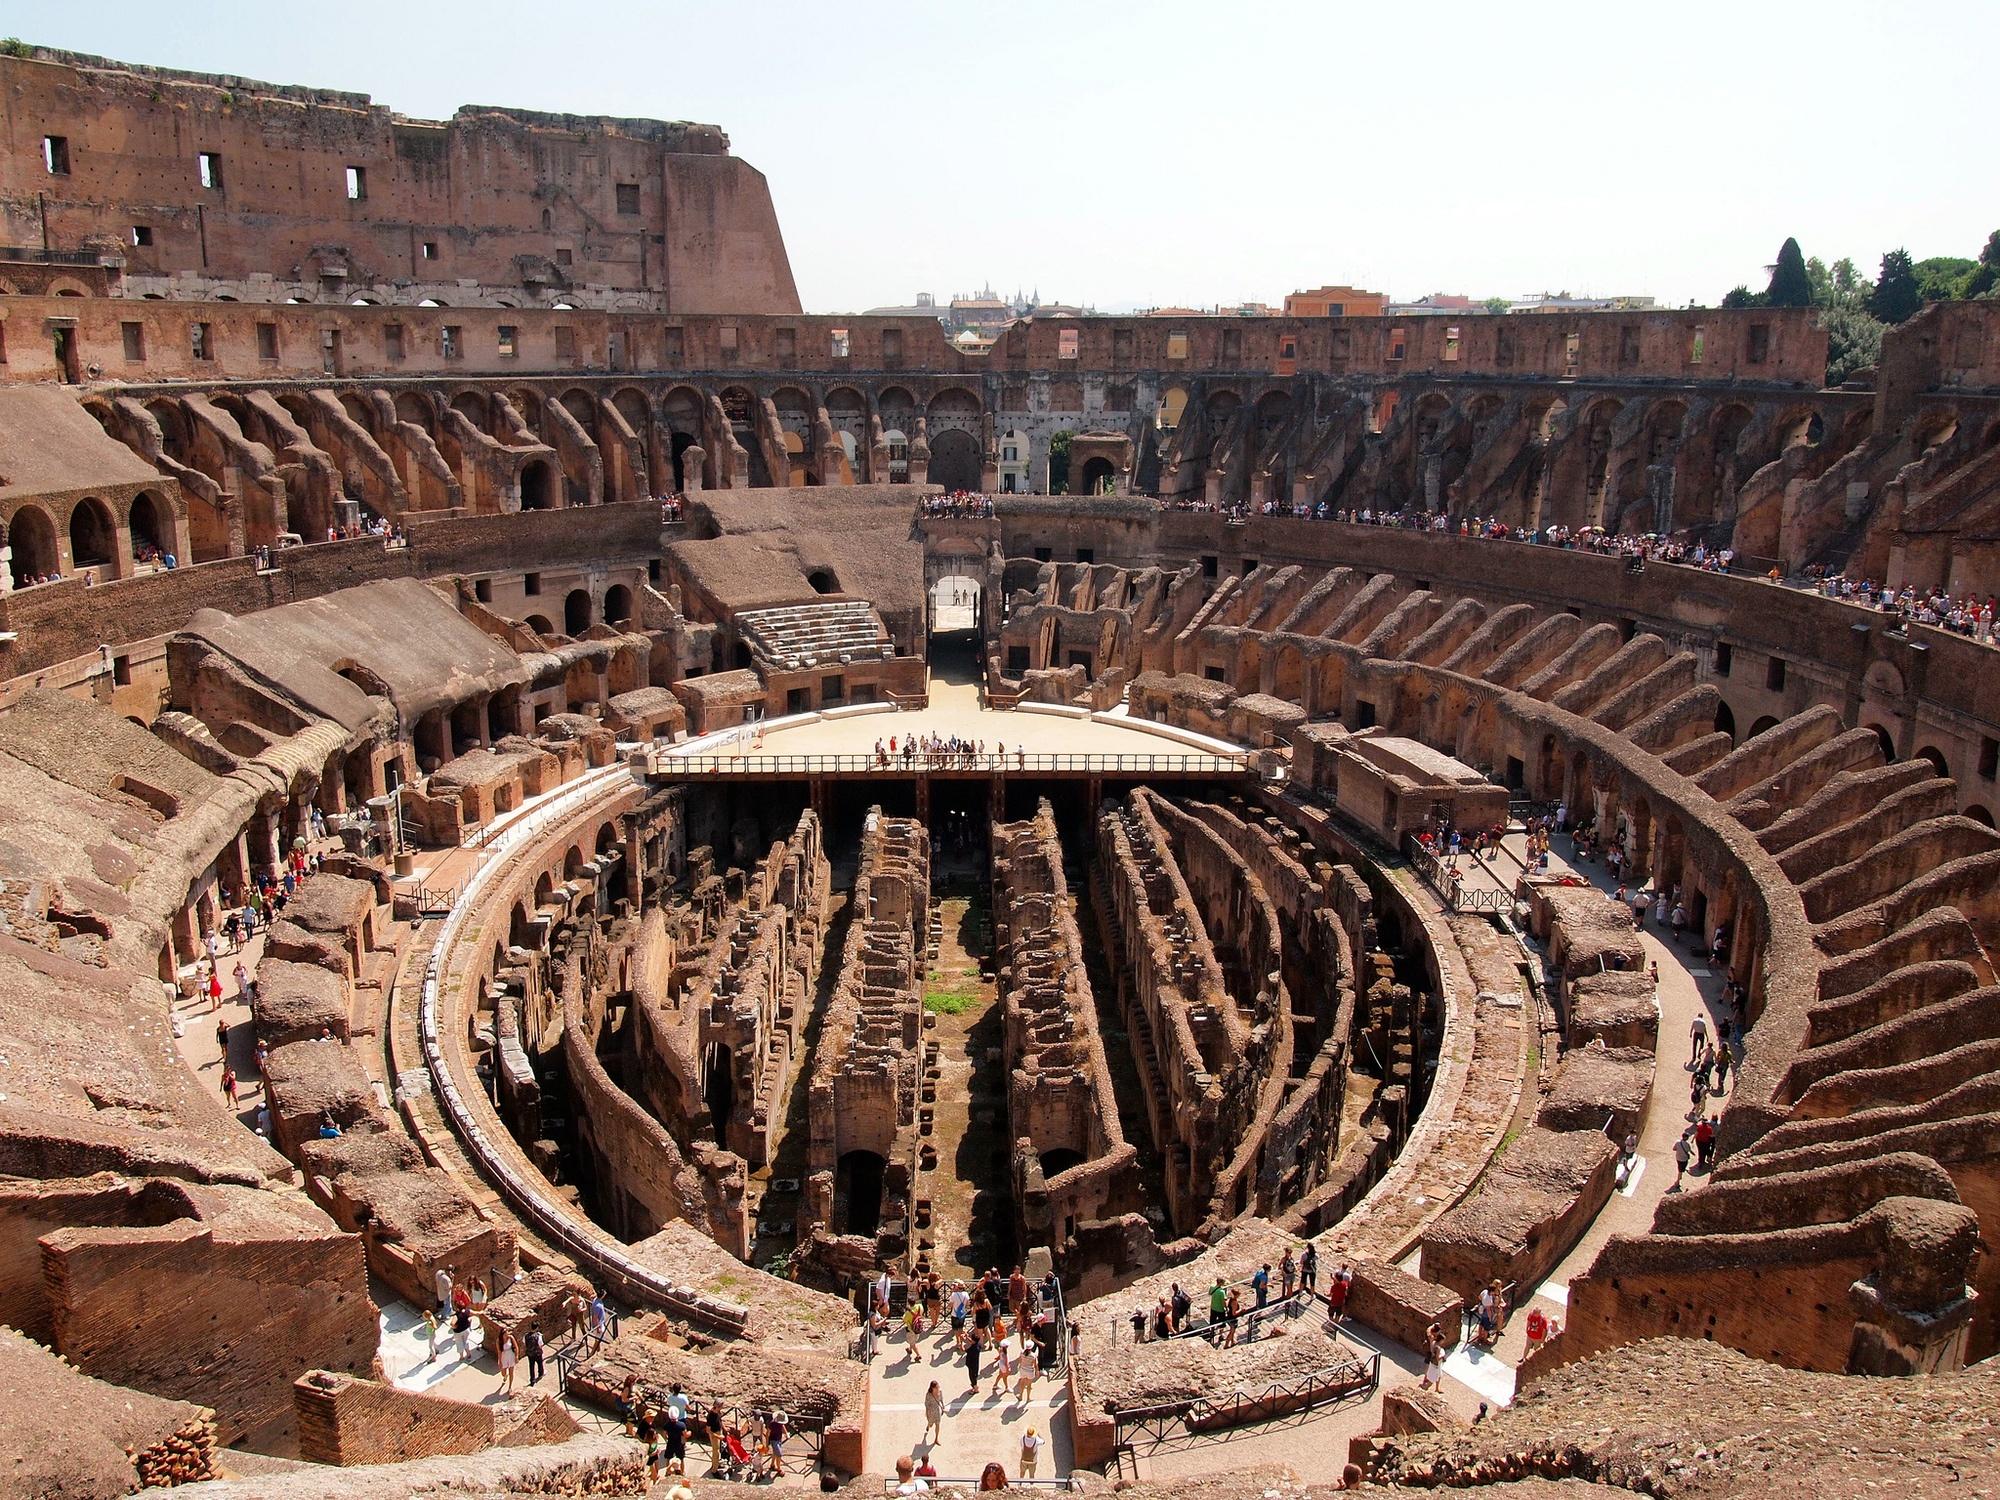 Touring the Roman Colosseum